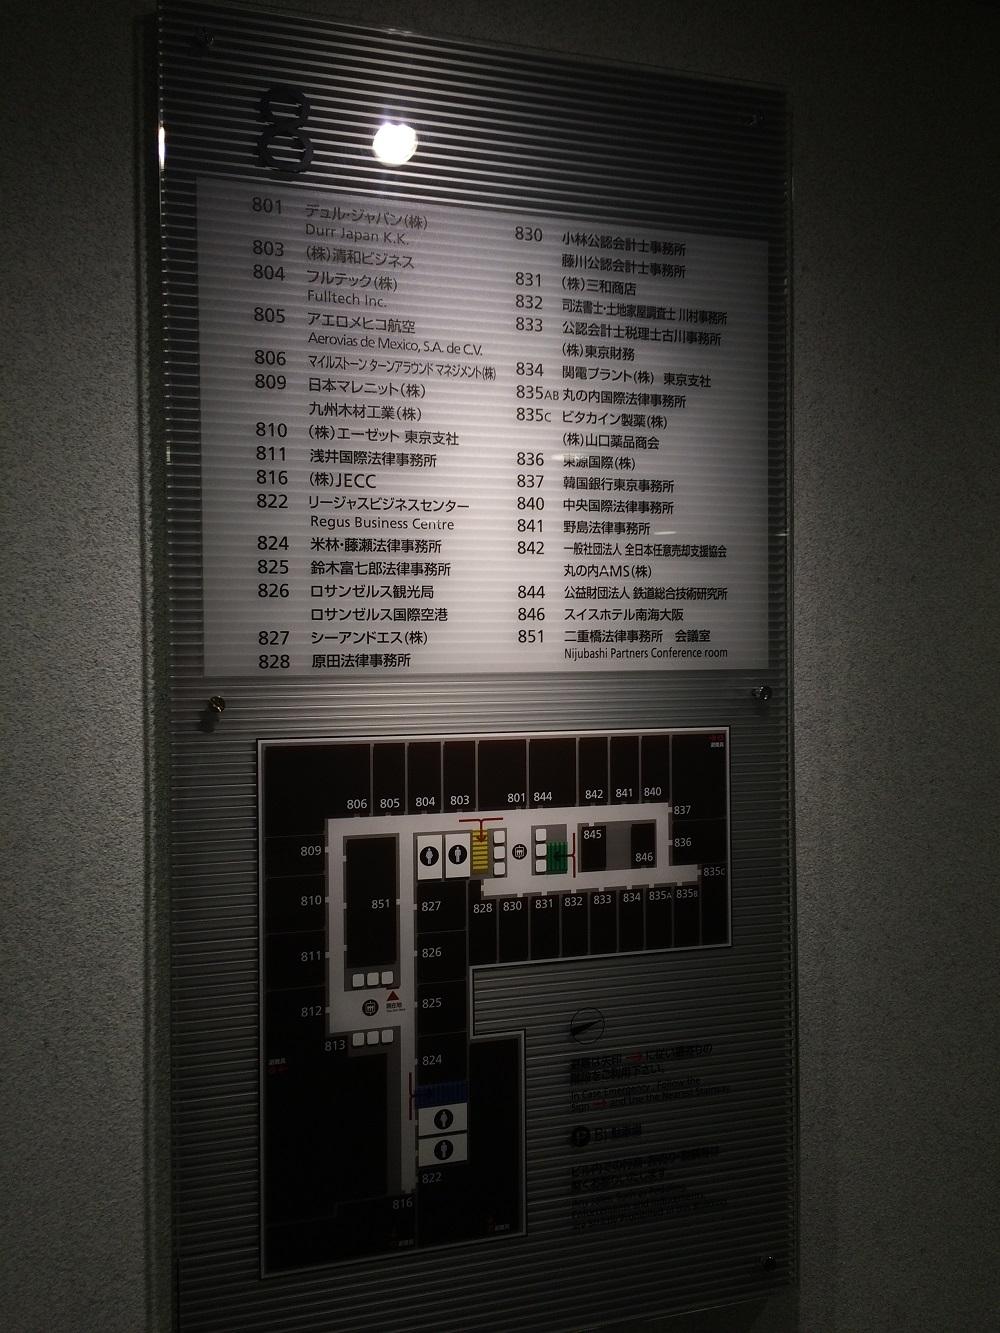 千代田区の新国際ビルのテナント。東京都千代田区丸の内3-4-1新国際ビル8階